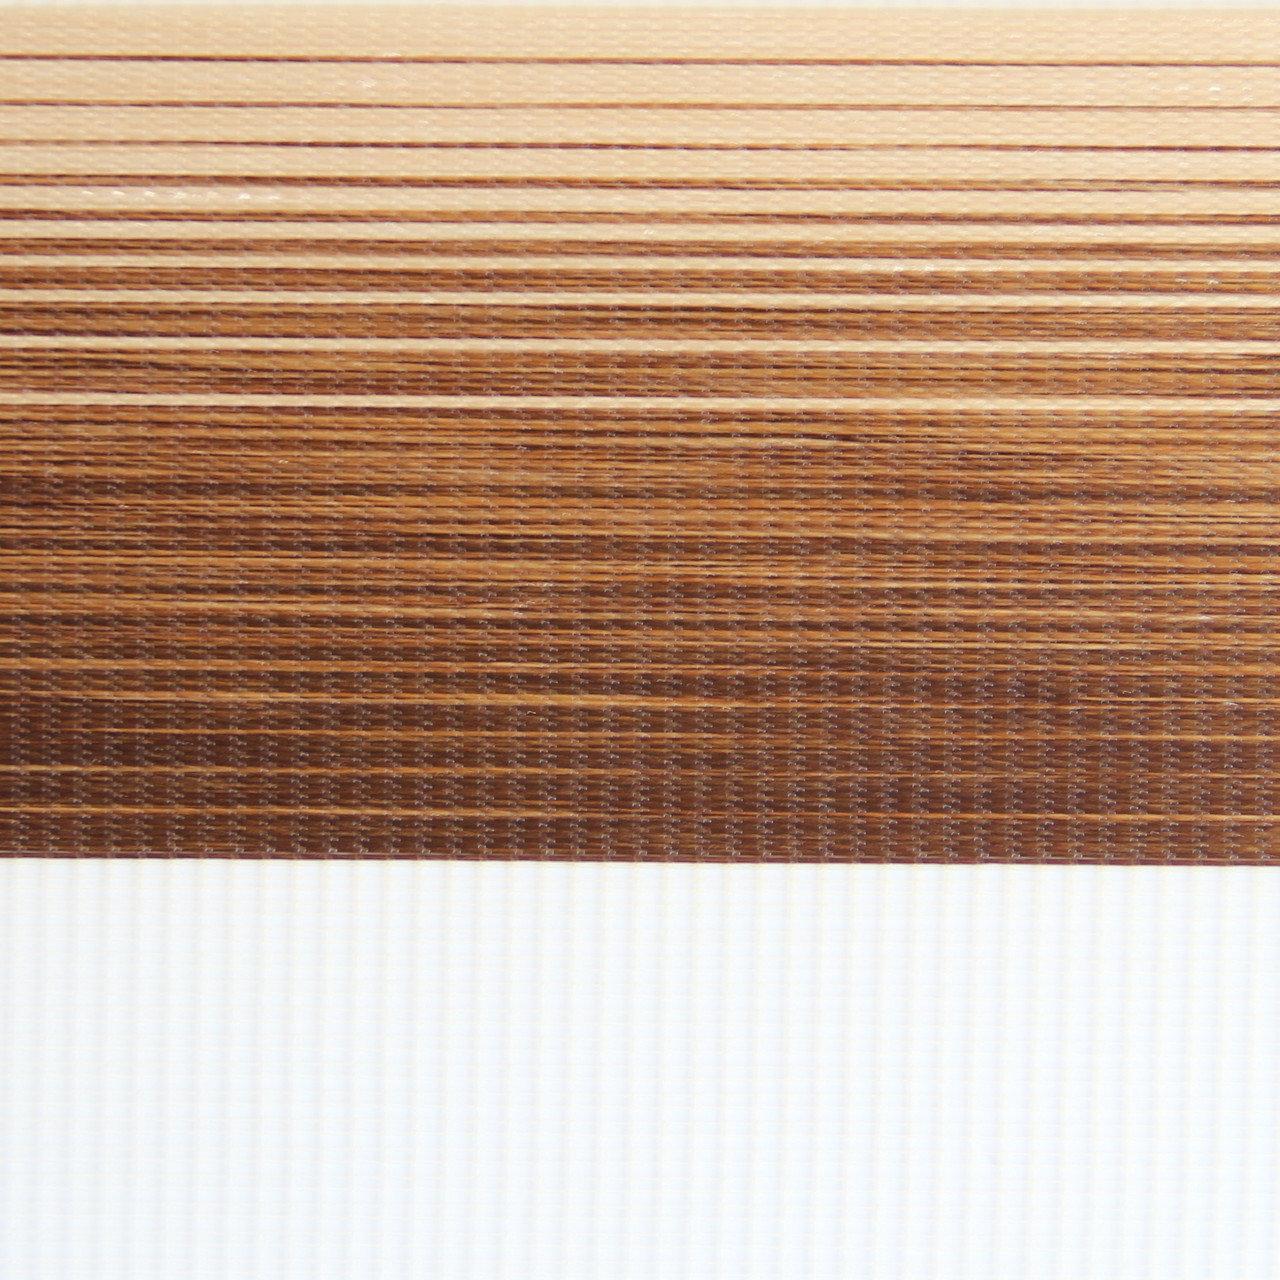 Готовые рулонные шторы Ткань Z-132 Коричневый